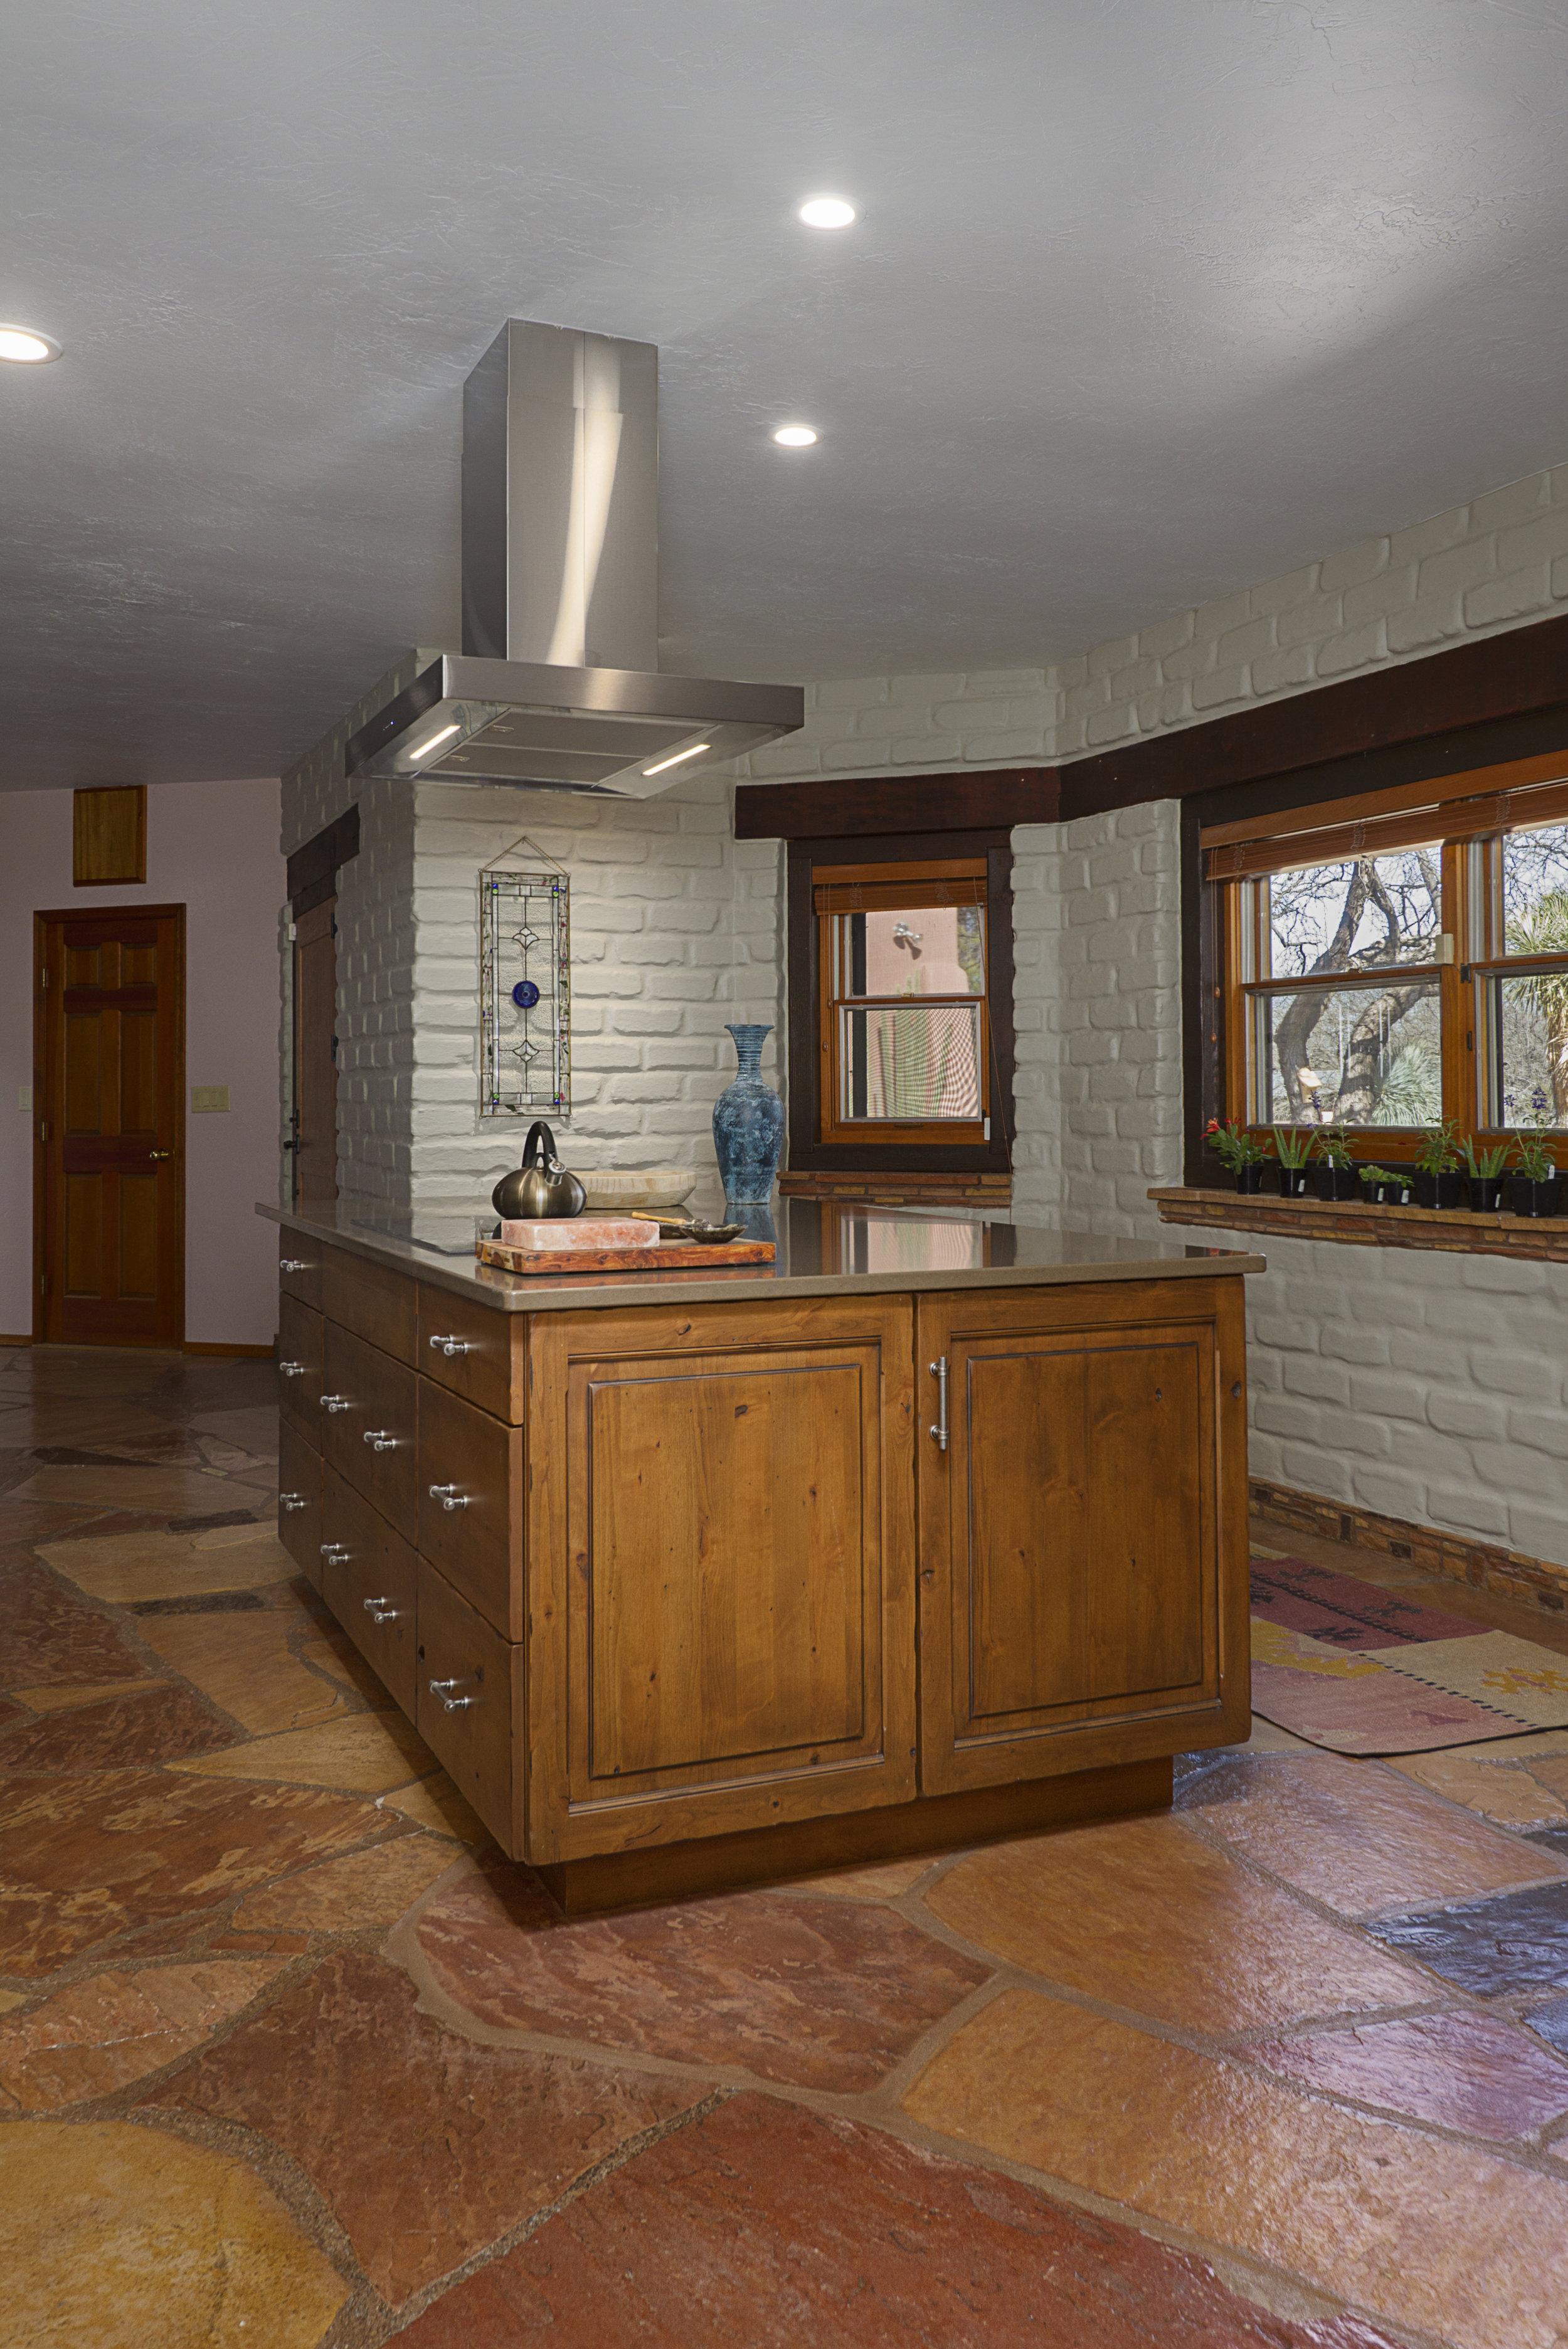 Cline_Kitchen 6.jpg